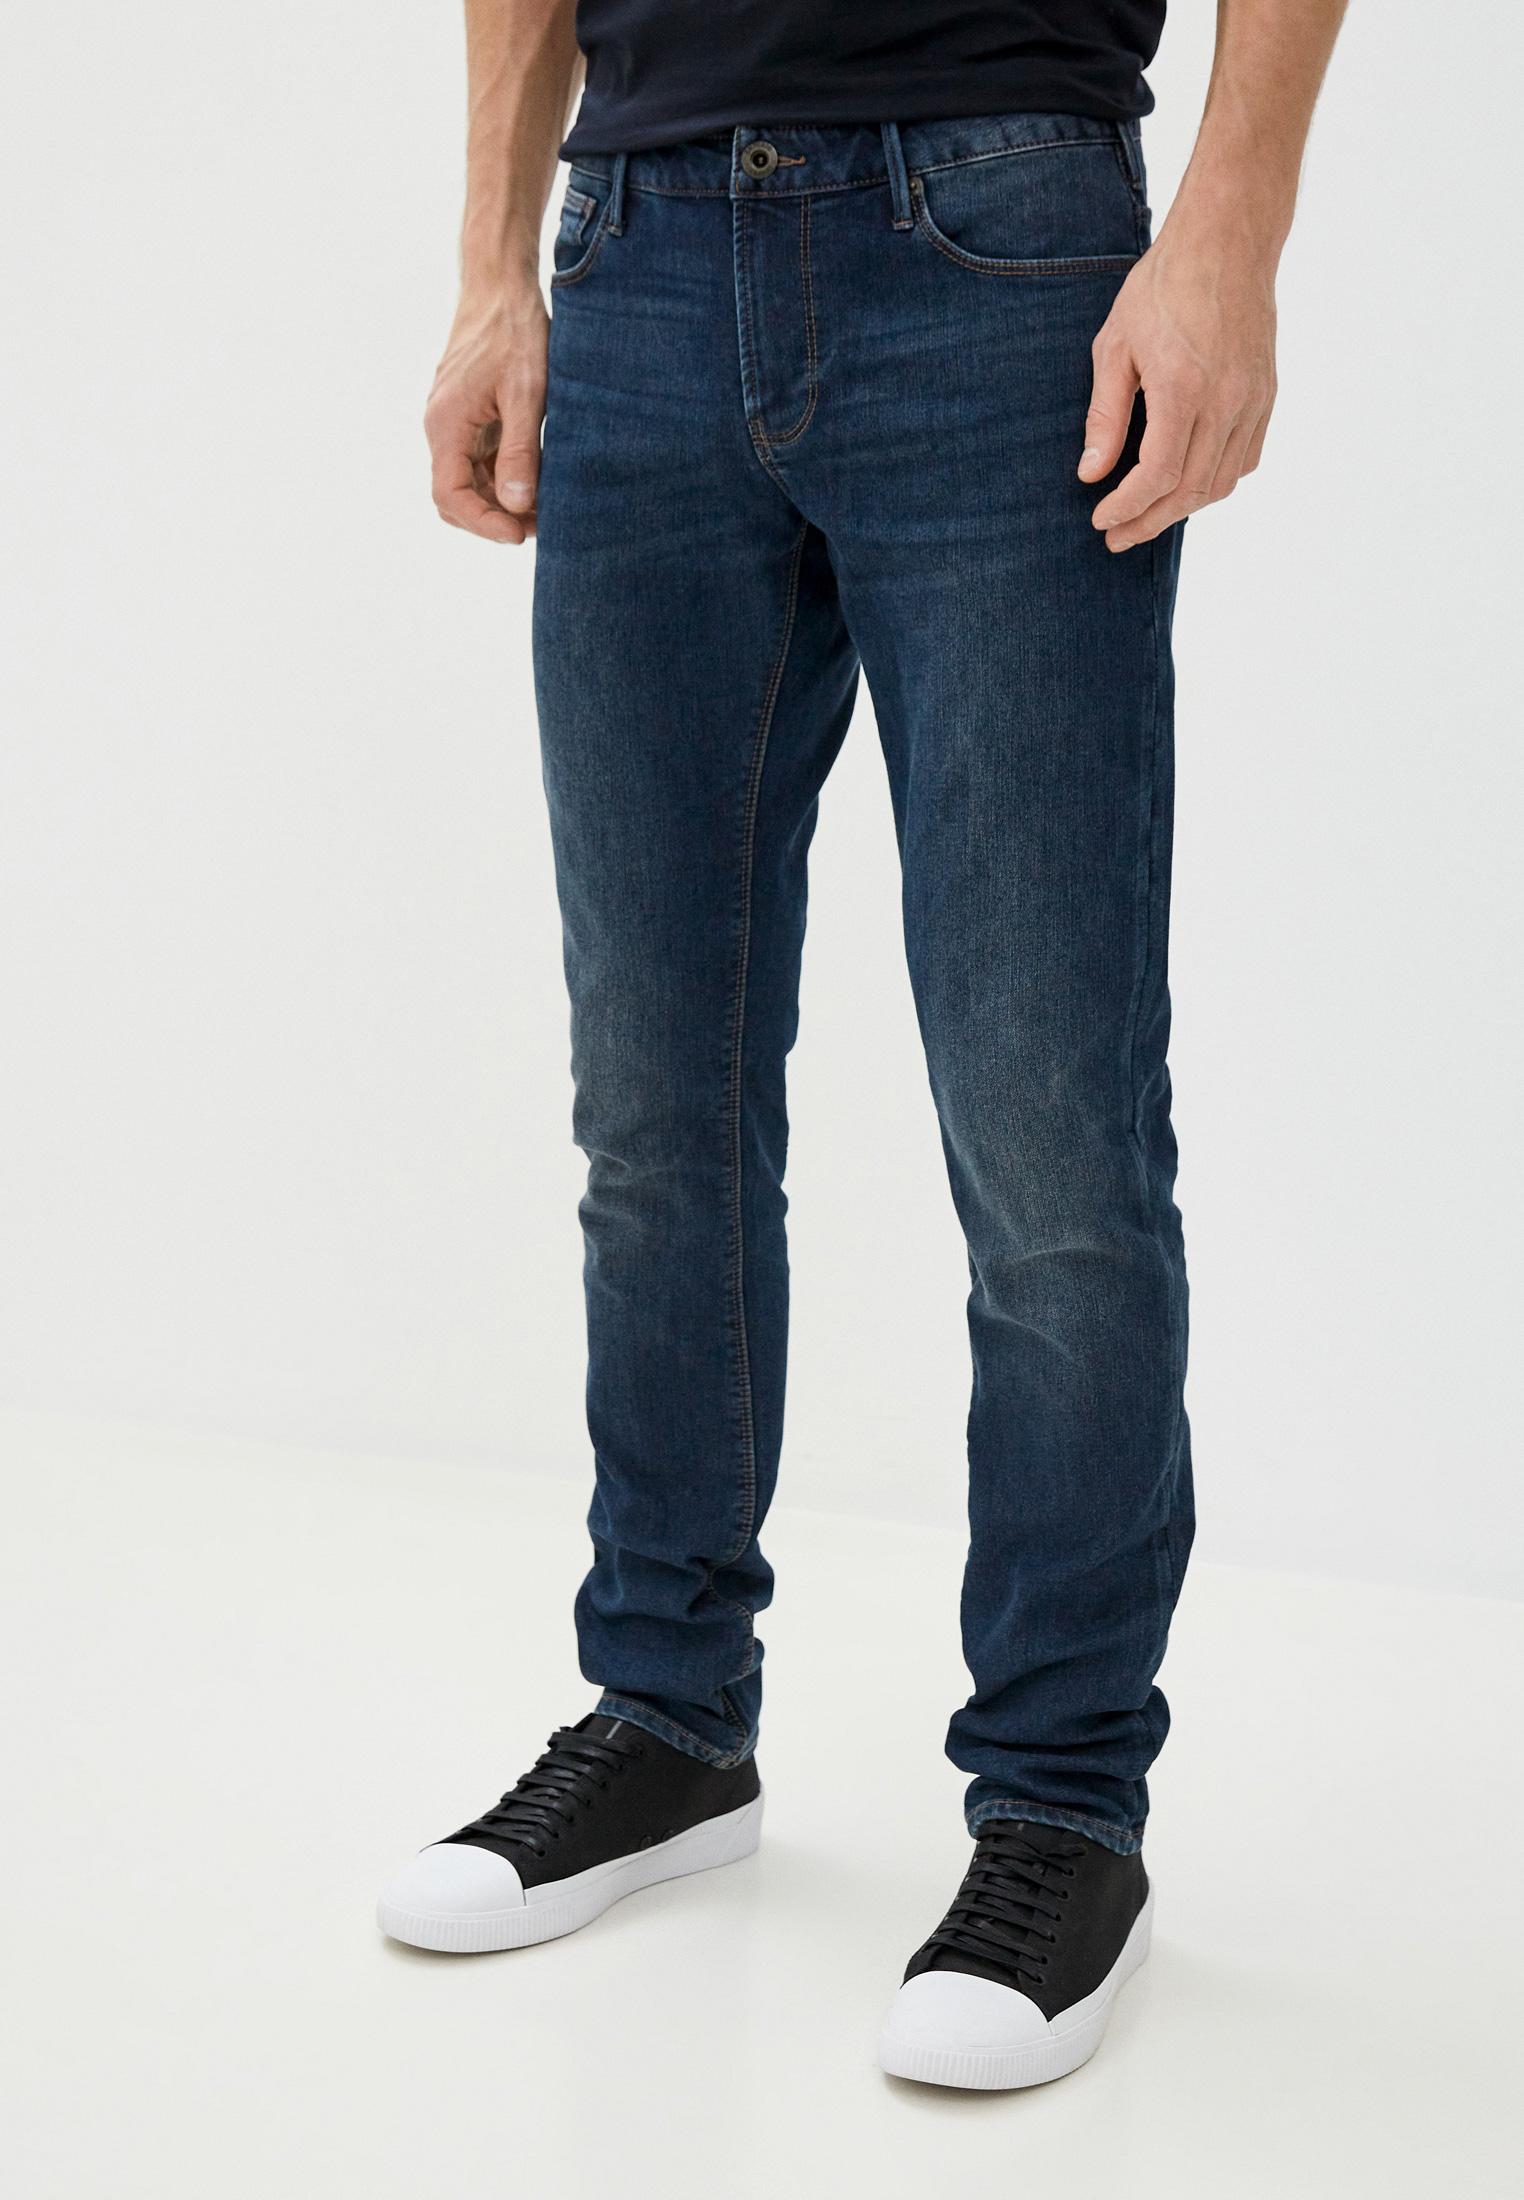 Мужские зауженные джинсы Emporio Armani (Эмпорио Армани) 6h1j06 1dpmz